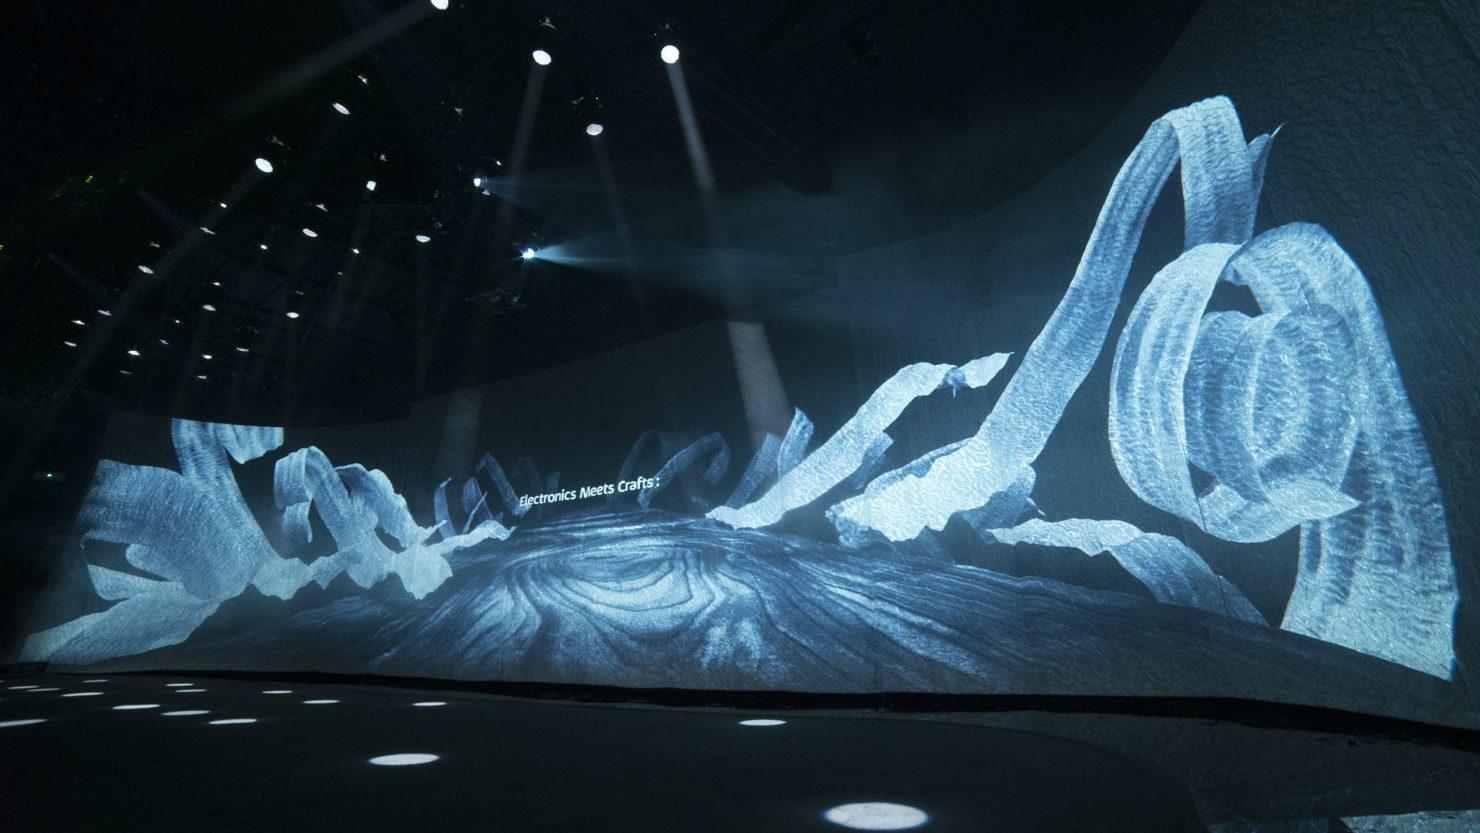 Arte: Panasonic e Accademia di Brera accoppiata vincente al Fuorisalone, Panasonic Electronic Meets Craft